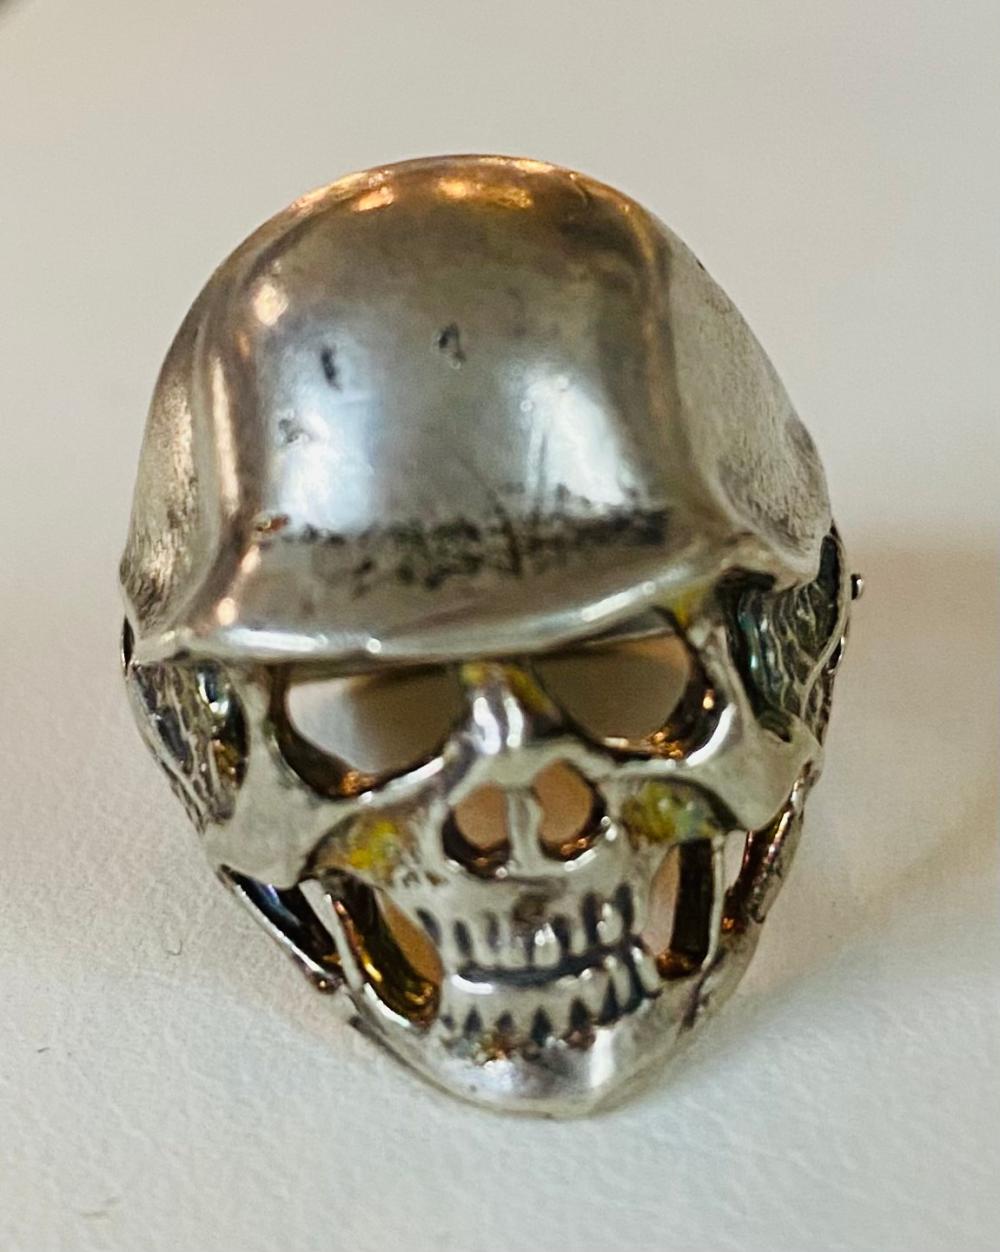 Skull sterling ring with helmet